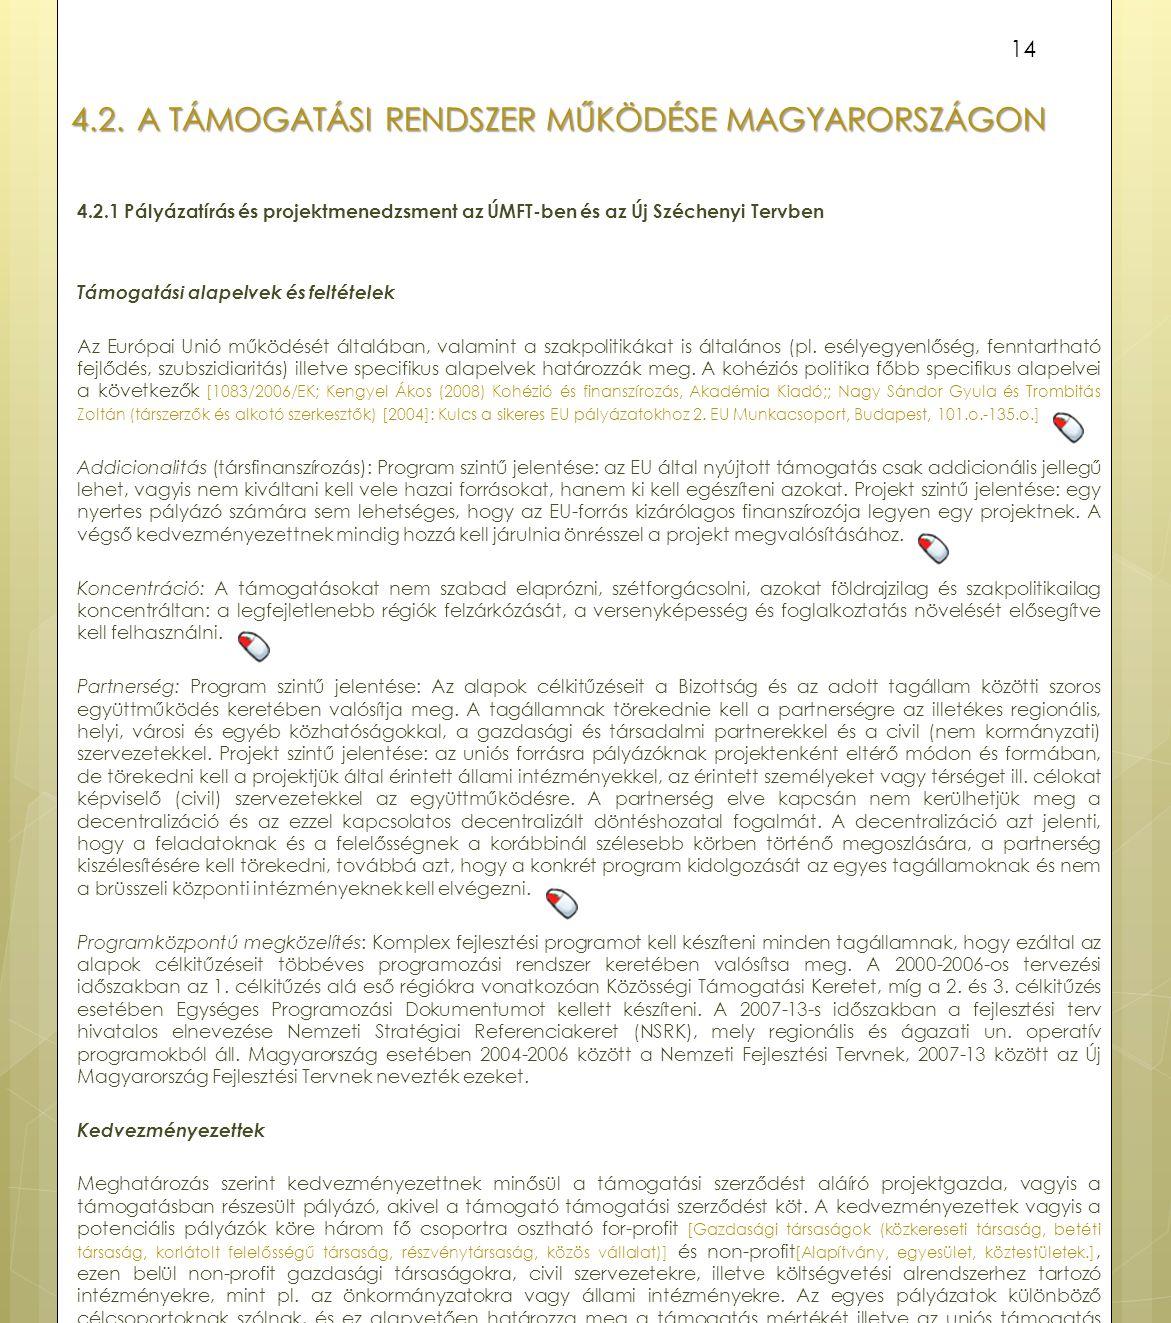 4.2. A támogatási rendszer működése Magyarországon